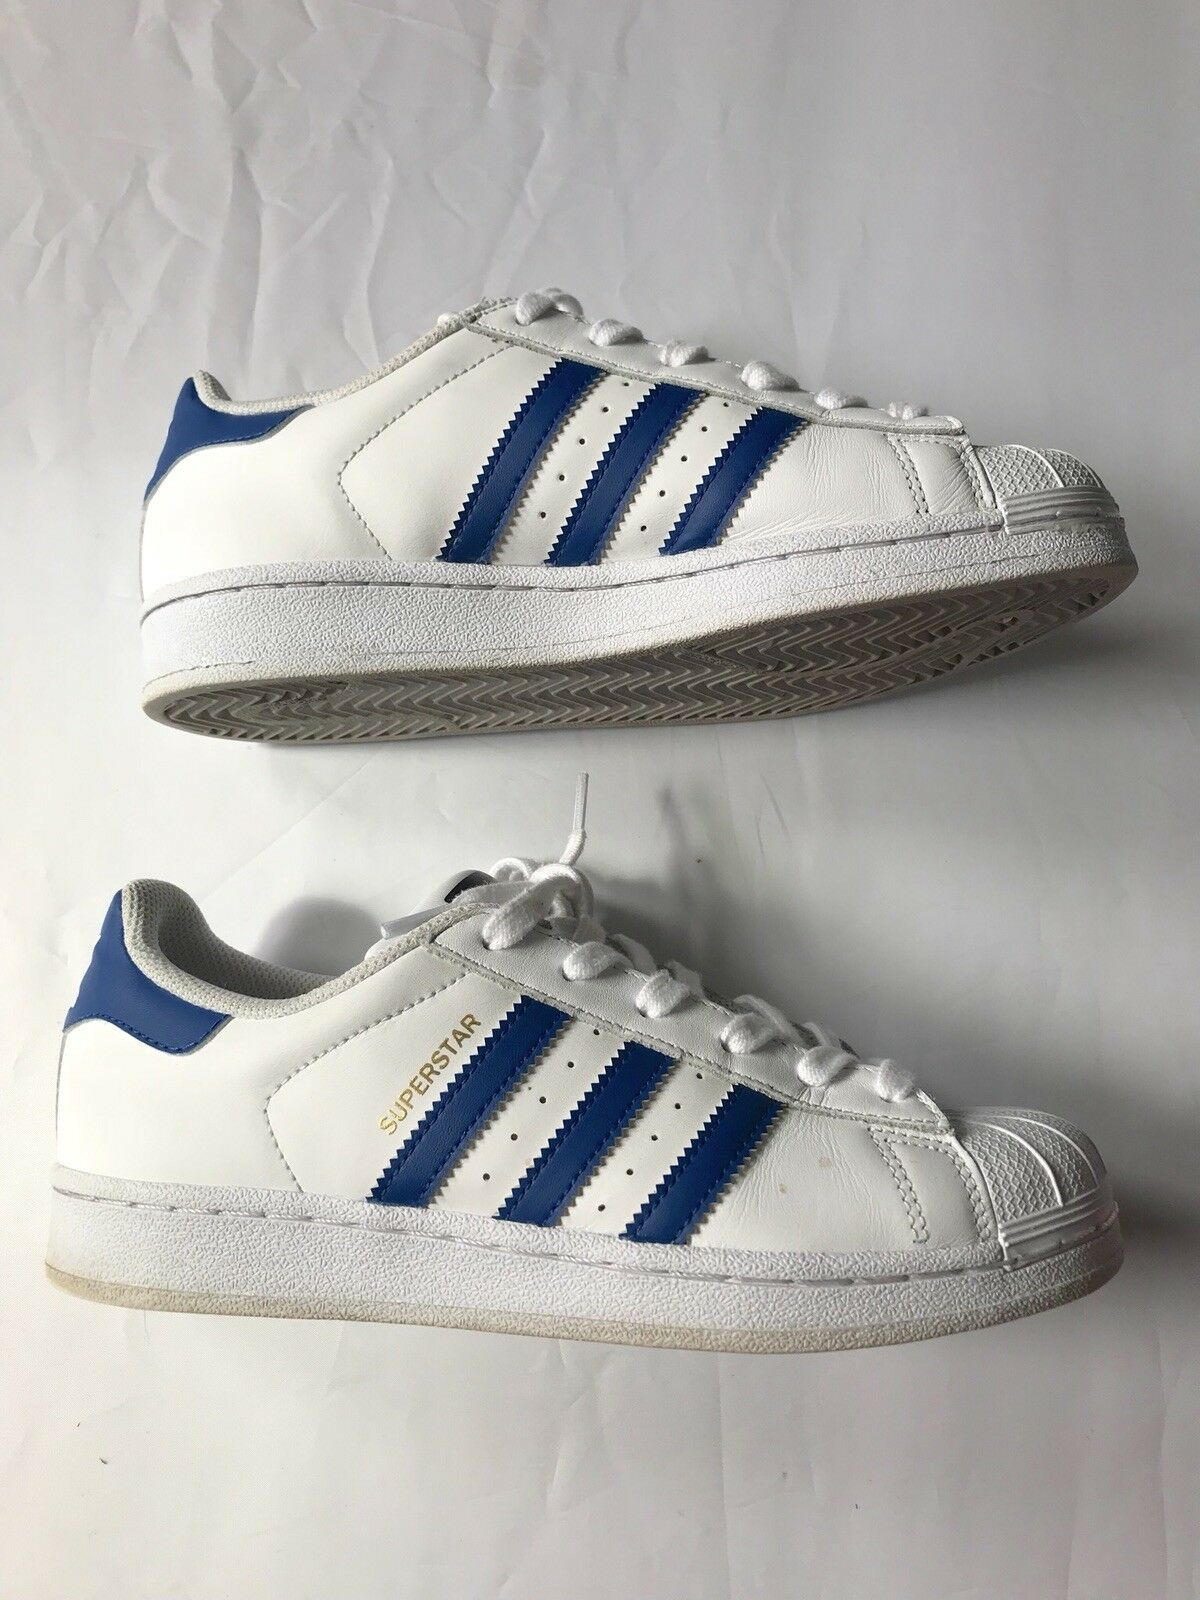 Adidas Superstar Herren Weiß Blaue Sneakers Sz US 6